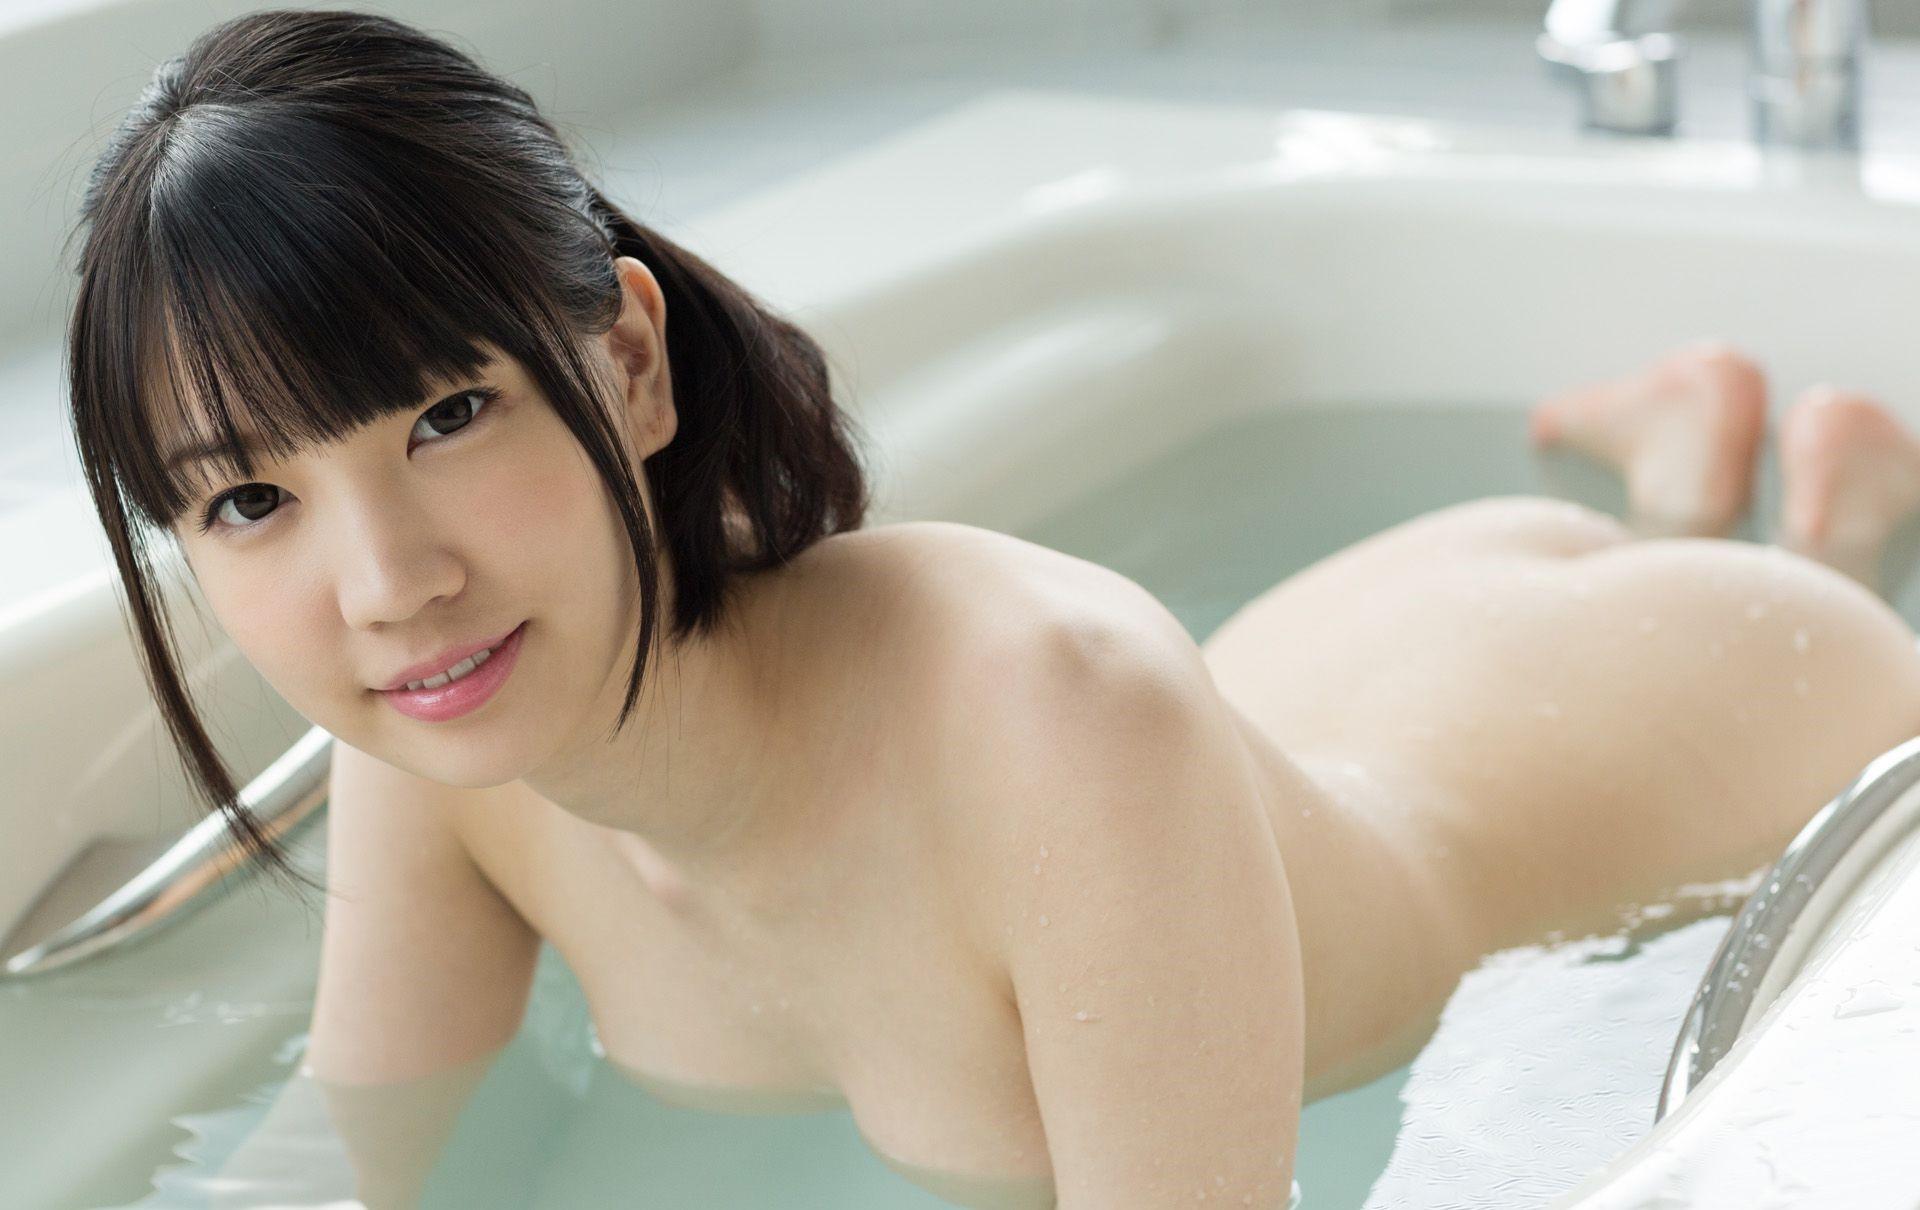 三次元 3次元 エロ画像 AV女優 鈴木心春  ヌード べっぴん娘通信 064